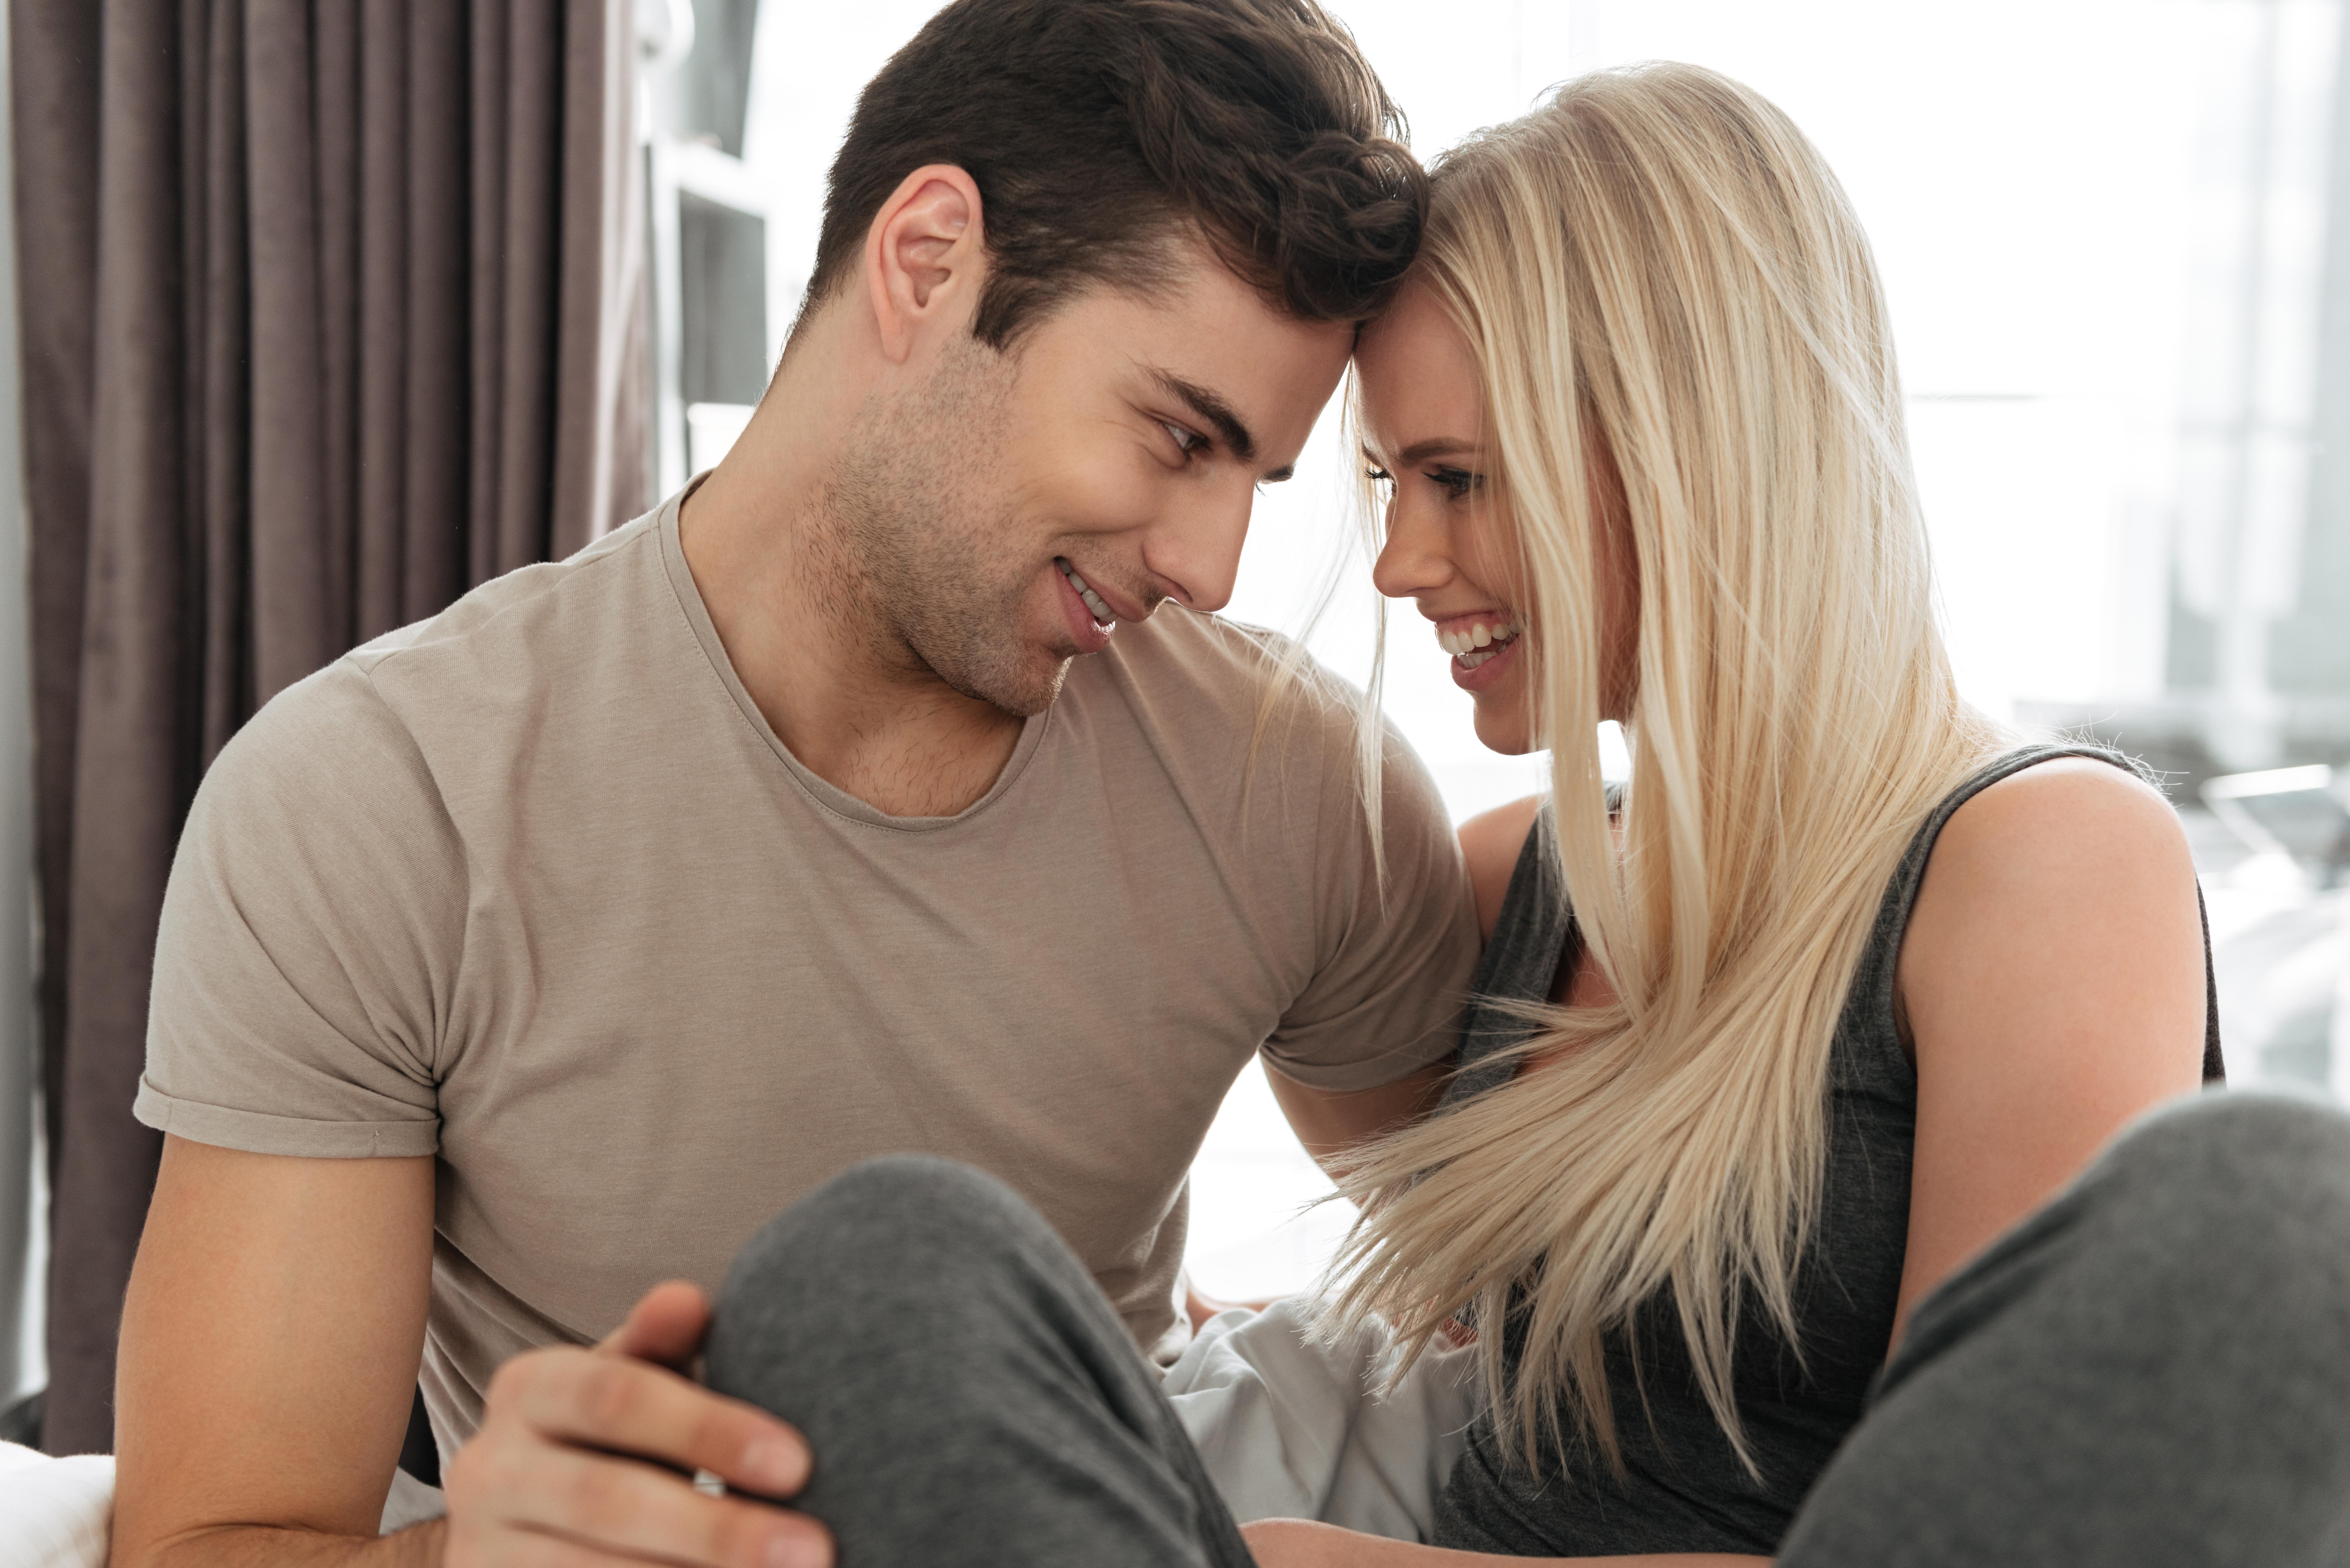 romance_man_woman_face_2_face_bed_shutterstock_769634806